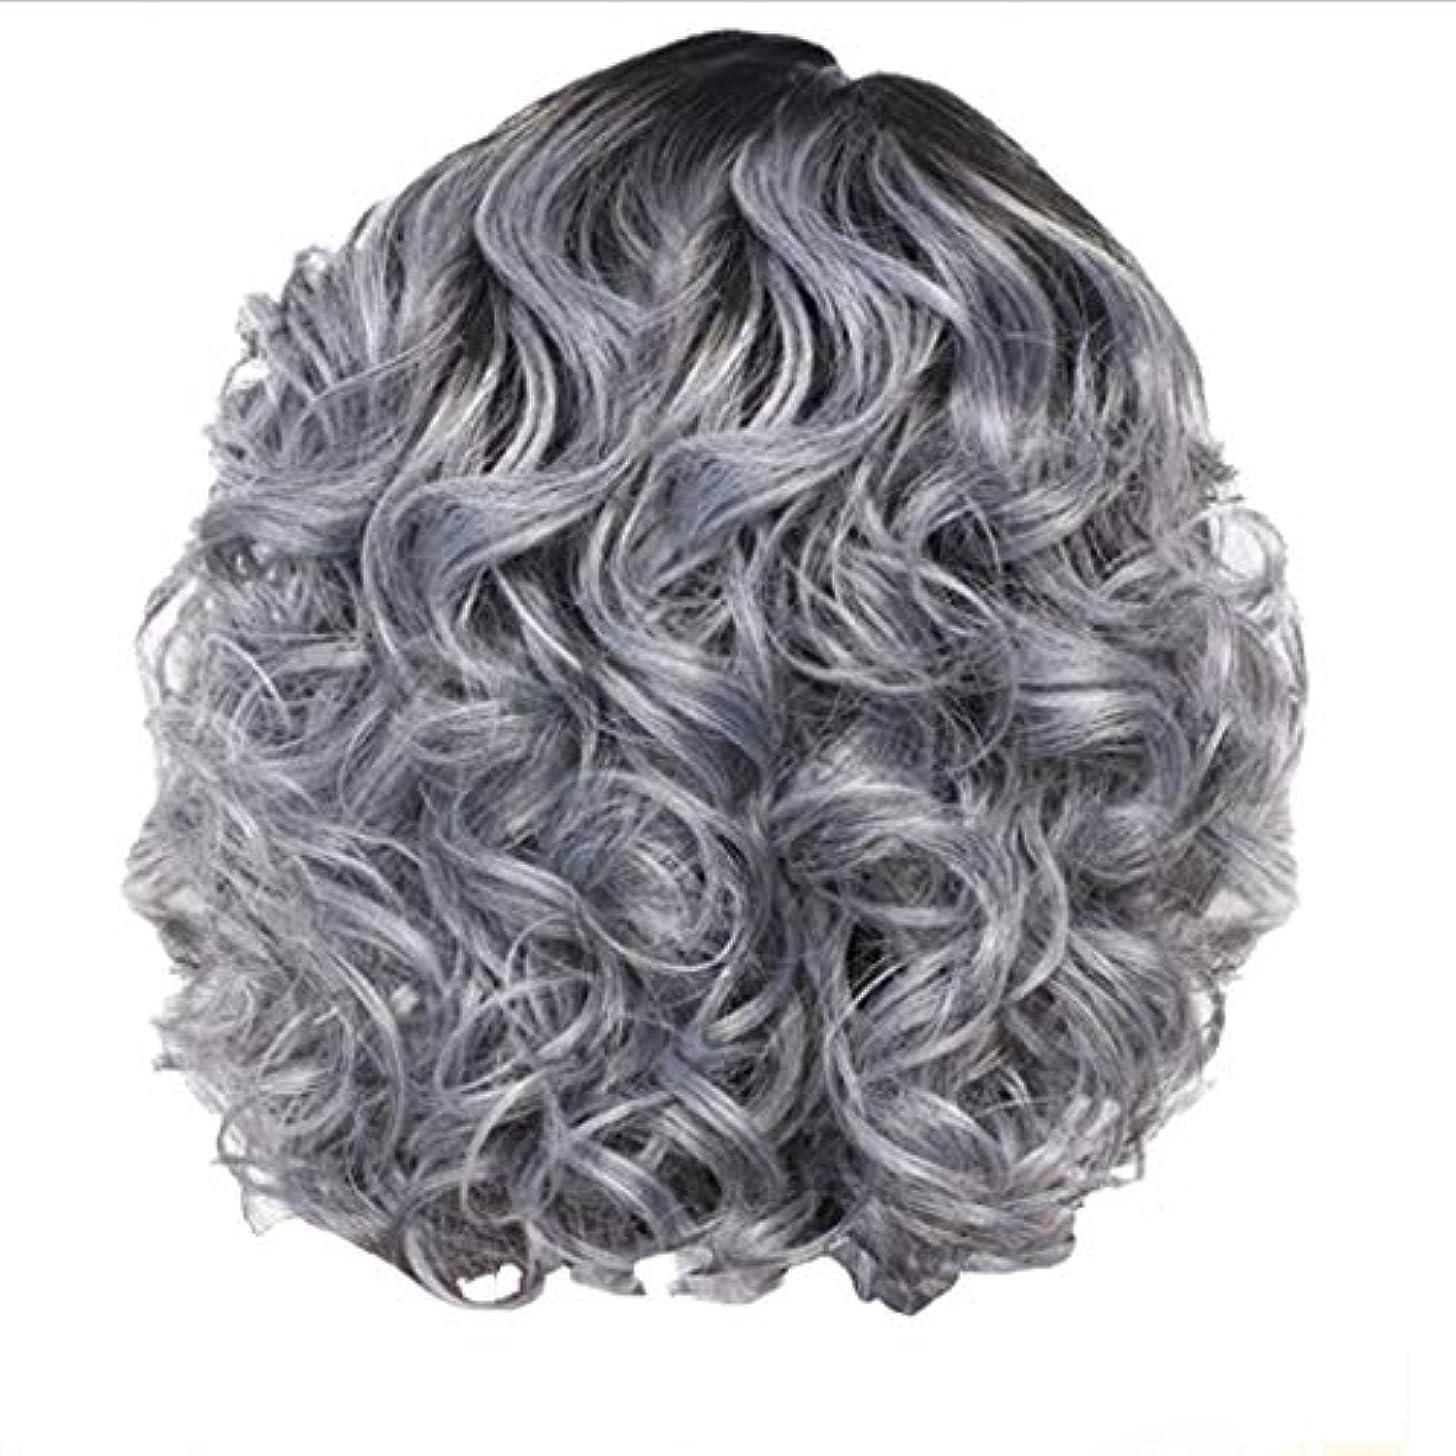 リラックスまさに性別かつら女性の短い巻き毛シルバーグレーレトロ巻き毛ネット30 cm